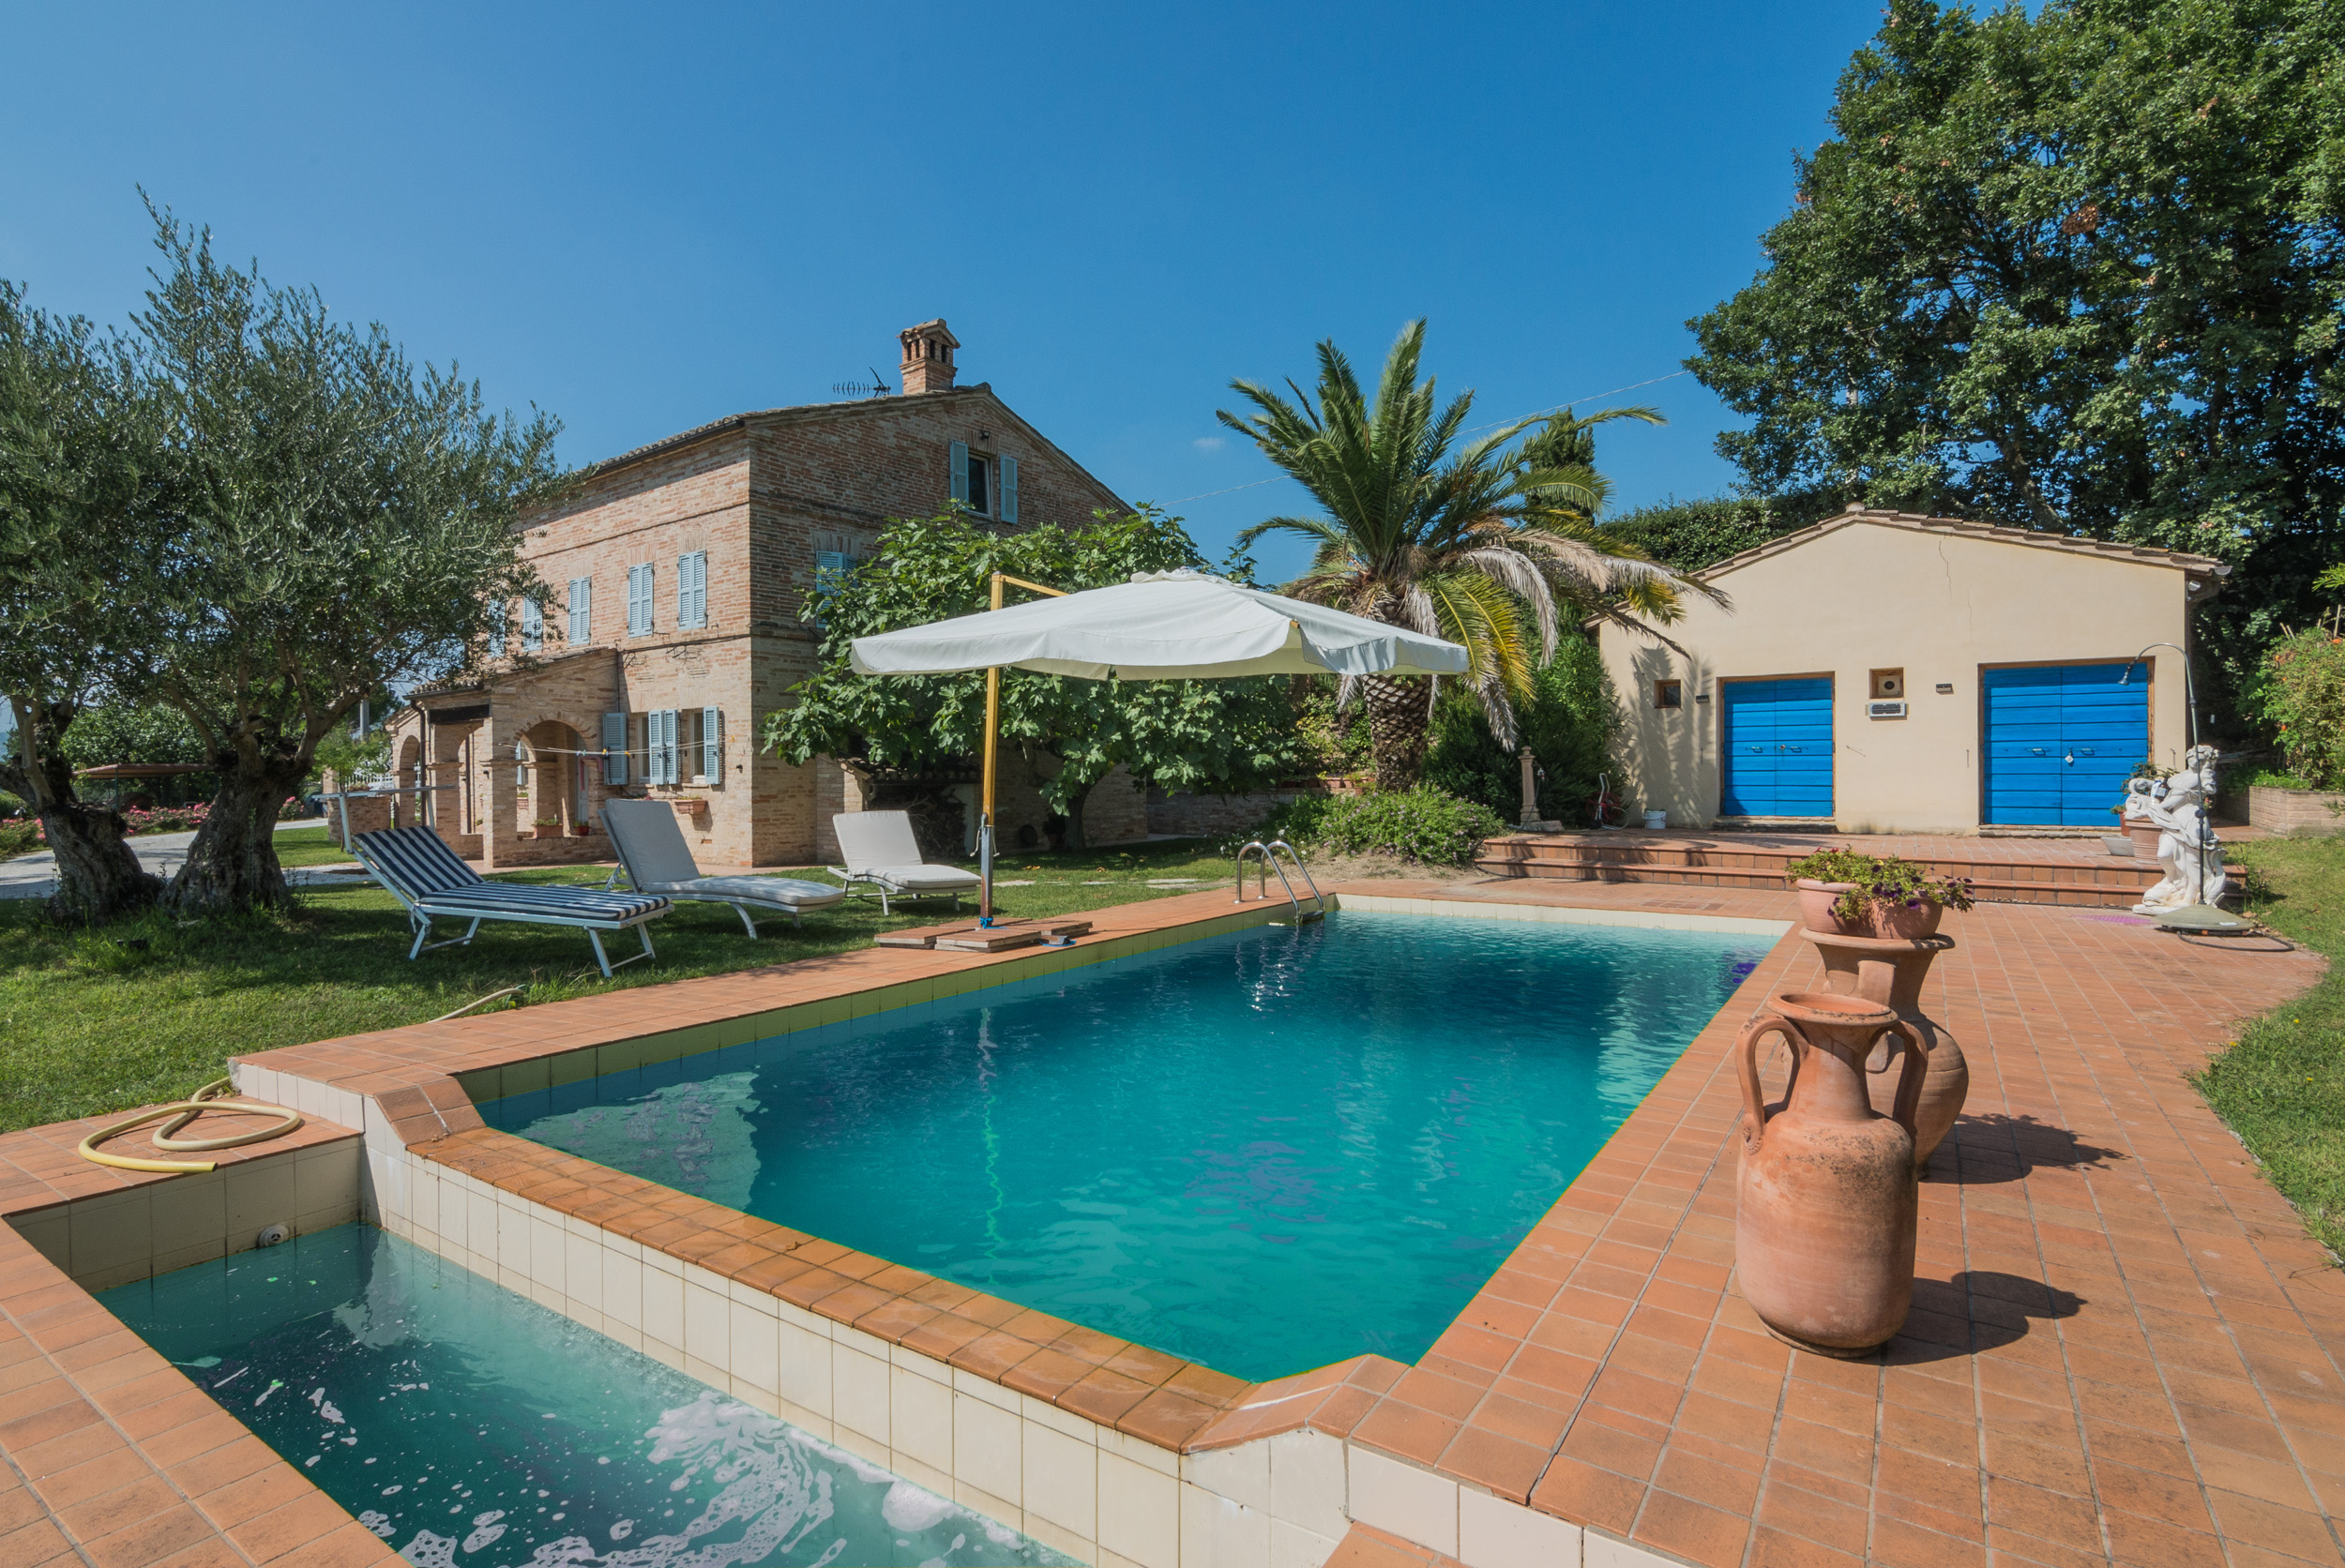 L'Agenzia Immobiliare Puzielli propone casale con piscina in vendita a Belmonte Piceno nelle Marche